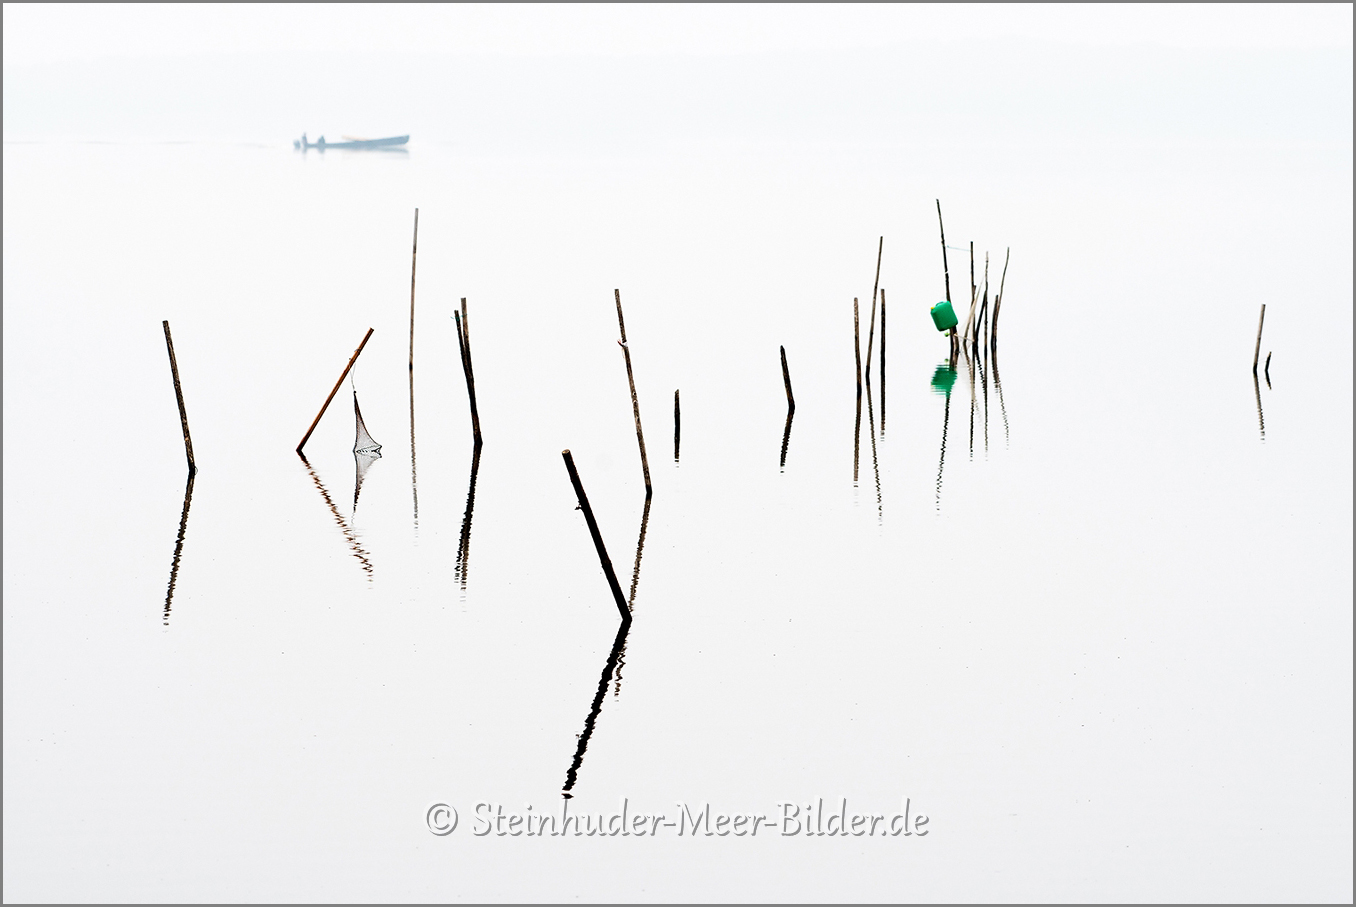 Nebel-Morgennebel-Reuse-Fischreuse-Morgenstimmung-Morgenlicht-Steinhuder Meer-A_NIK500_0915